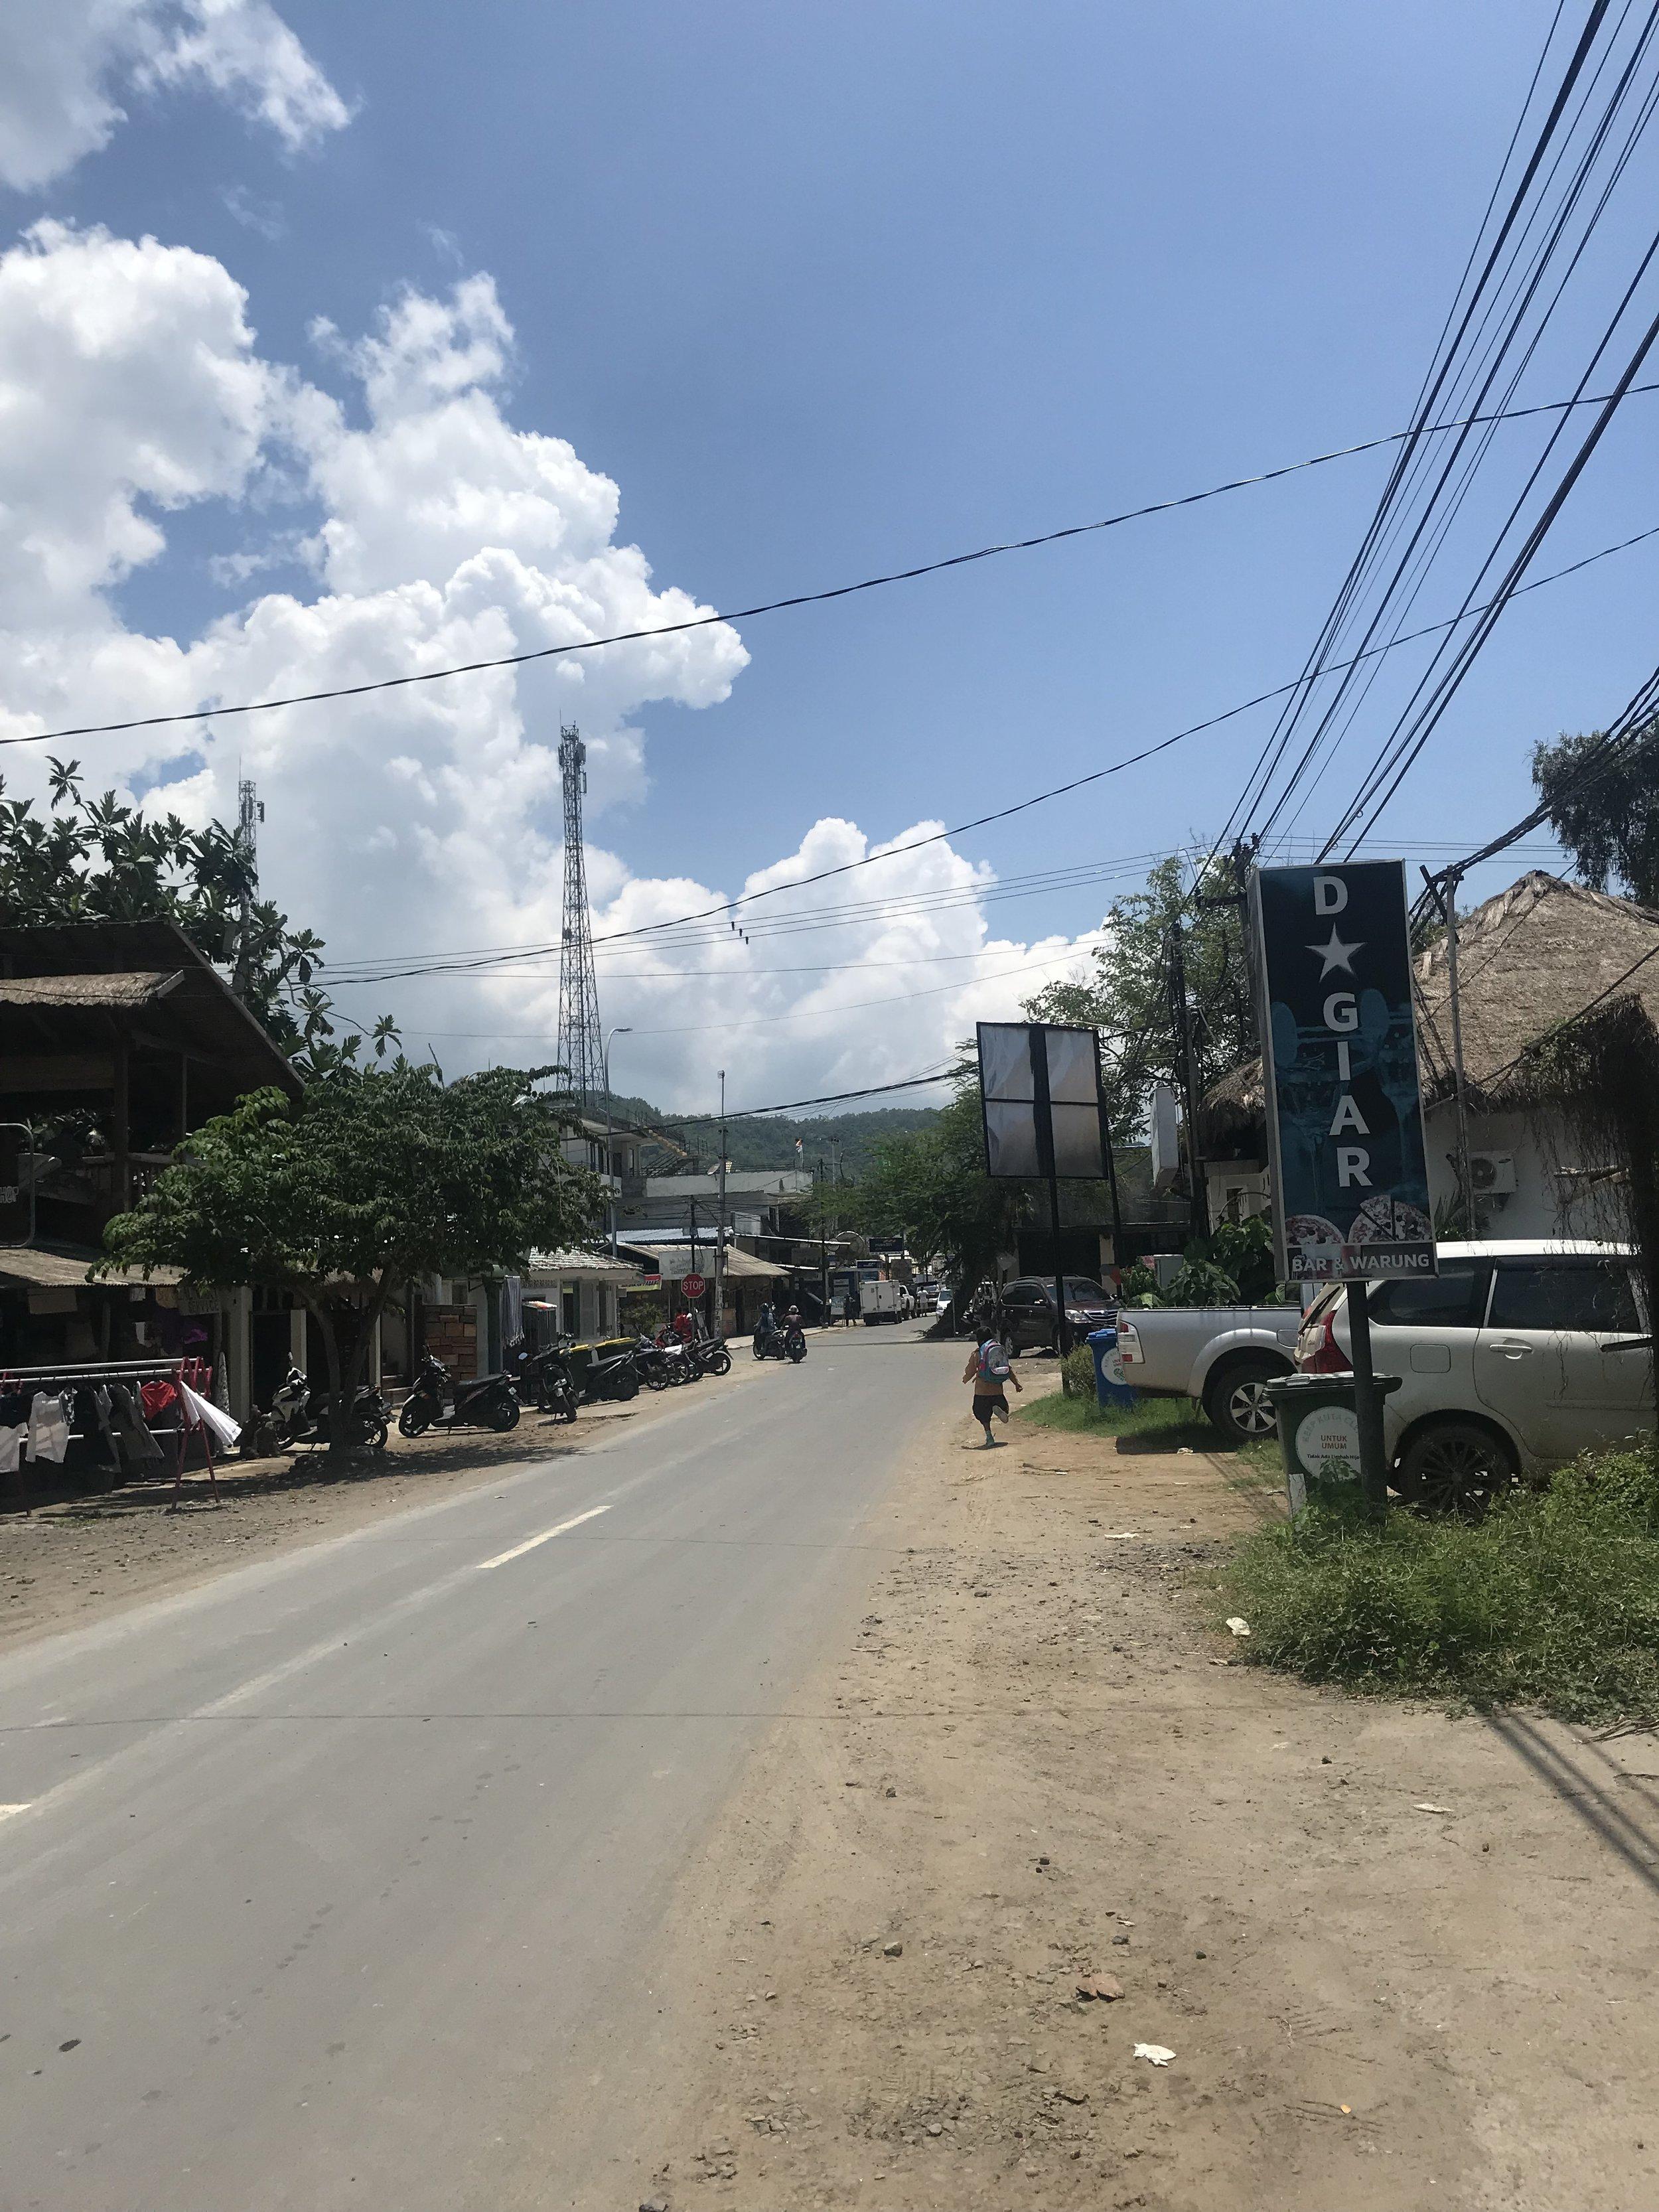 One of the main roads in Kuta